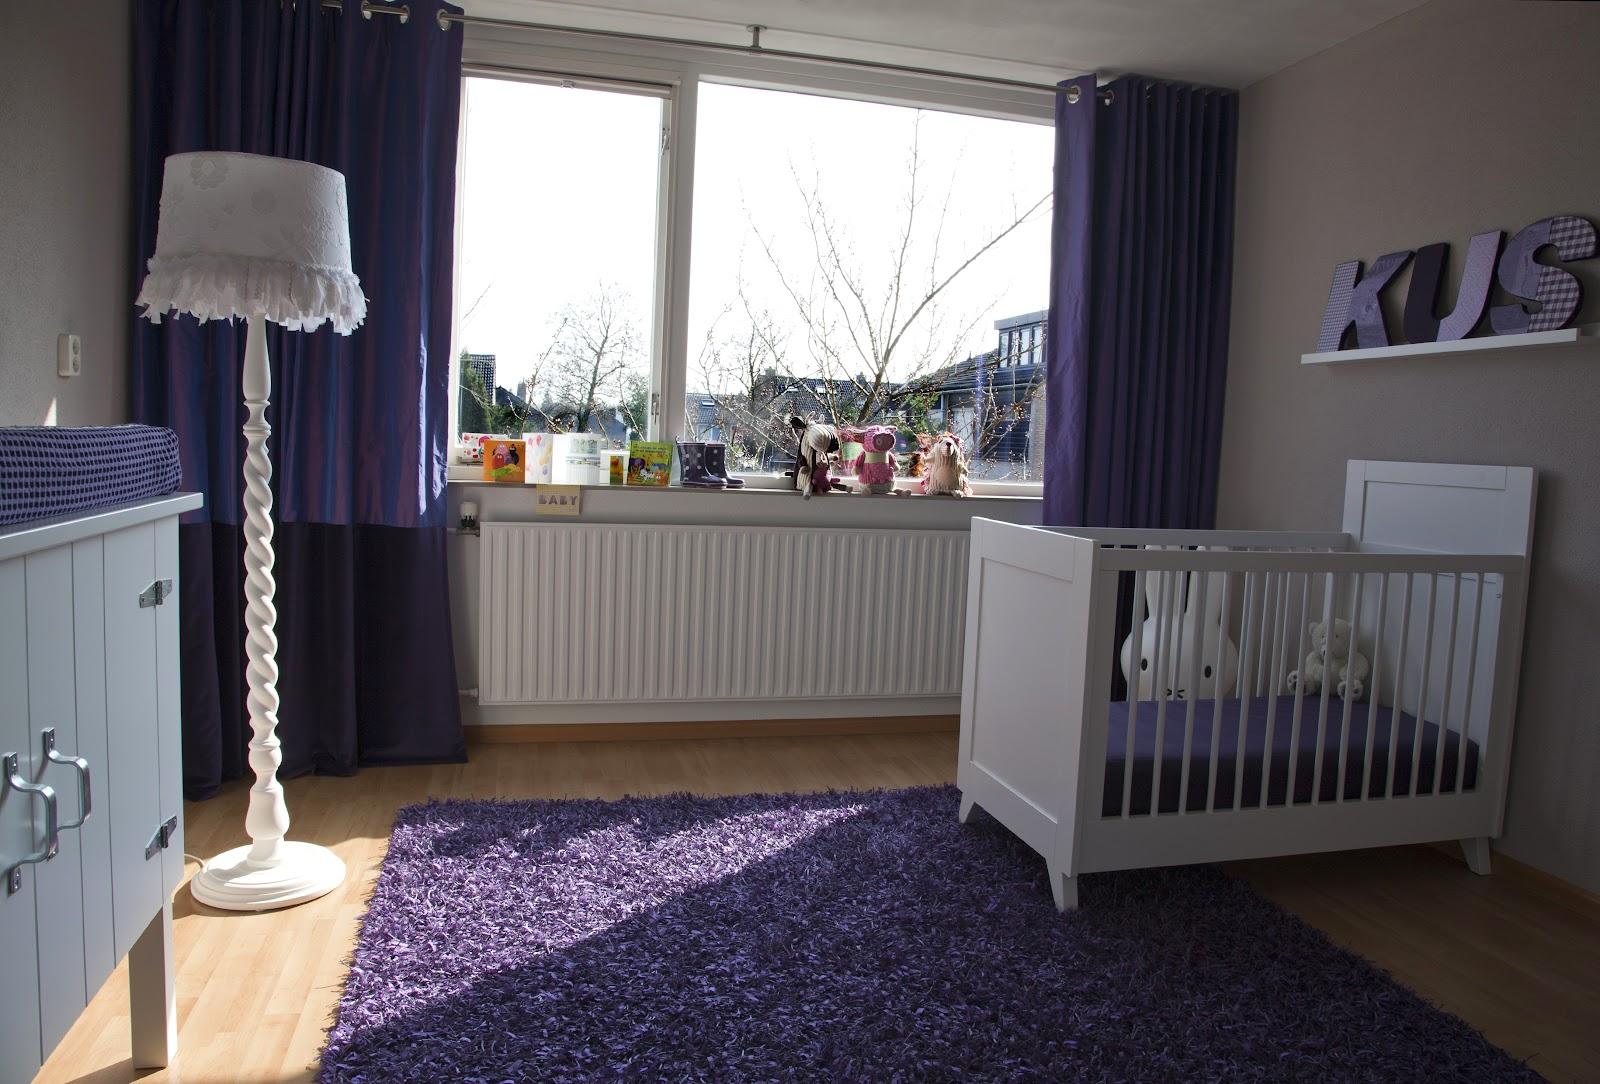 Kinderkamer gordijnen idee - Kamer voor jaar oude jongen ...